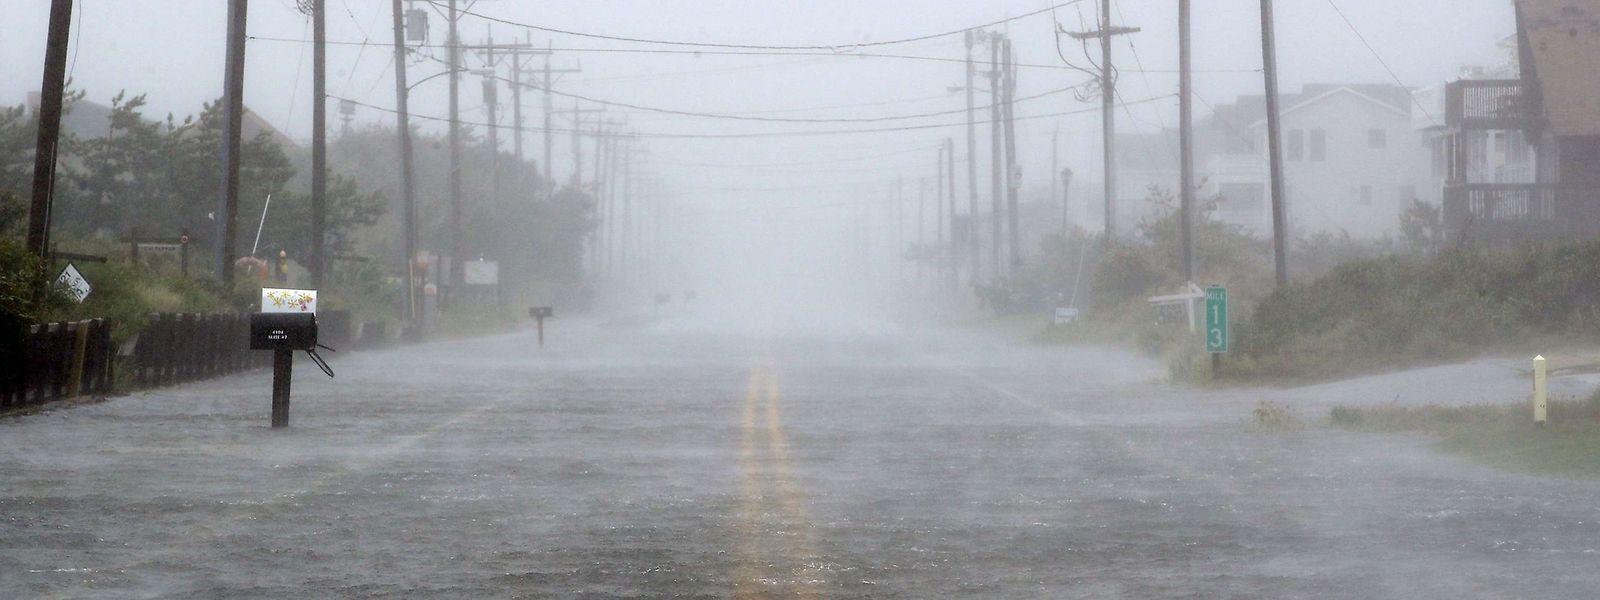 Wasser auf dem Highway 12 in Nags Head an der Küste von North Carolina.